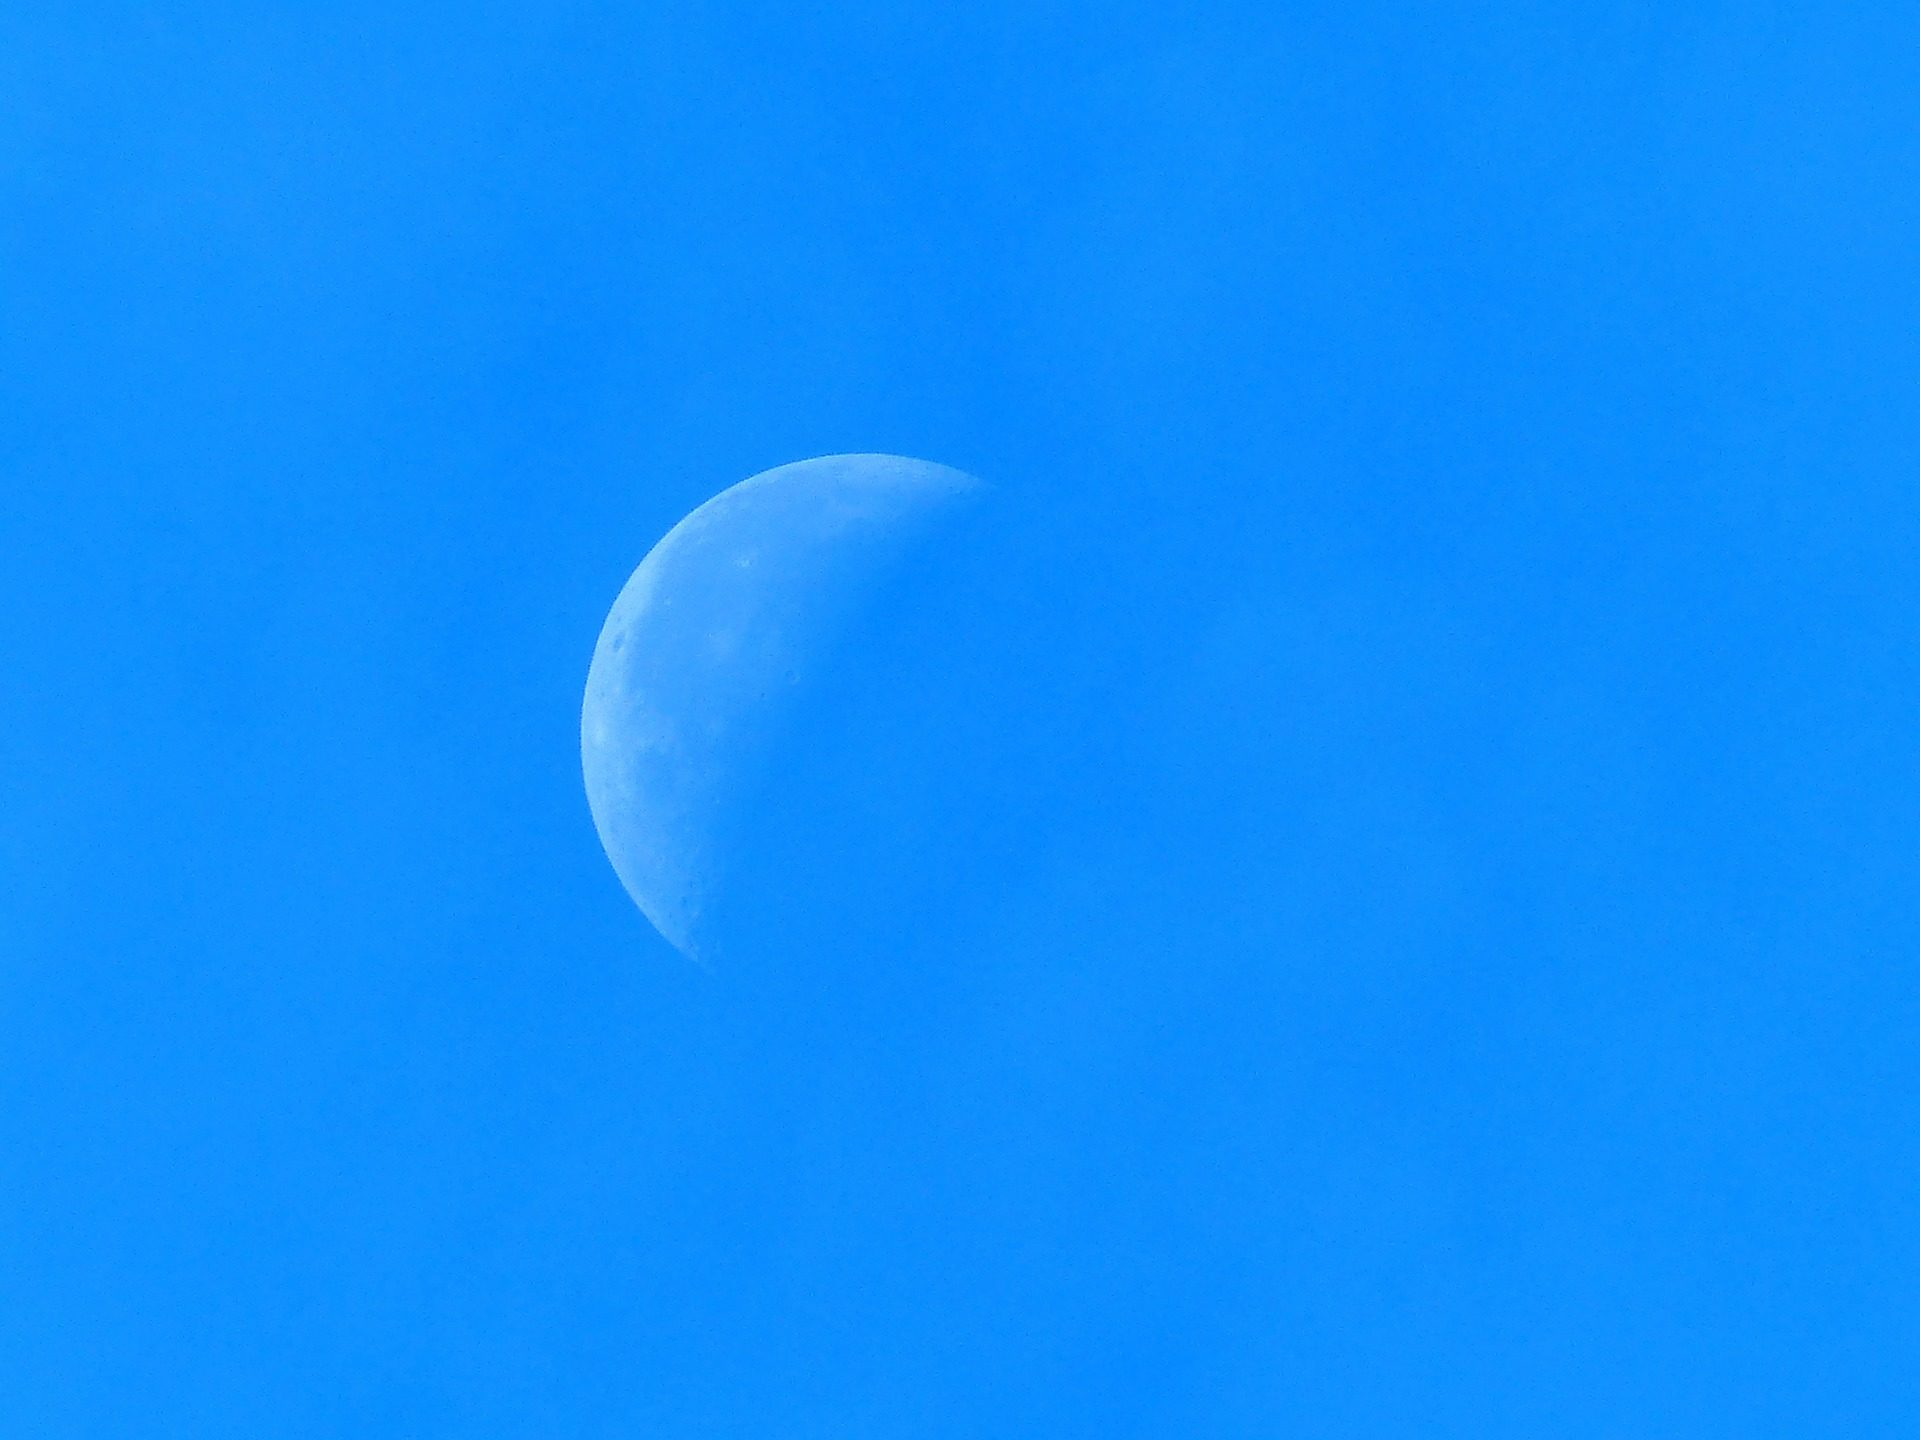 Luna, Cielo, giorno, Astro, in crescita - Sfondi HD - Professor-falken.com